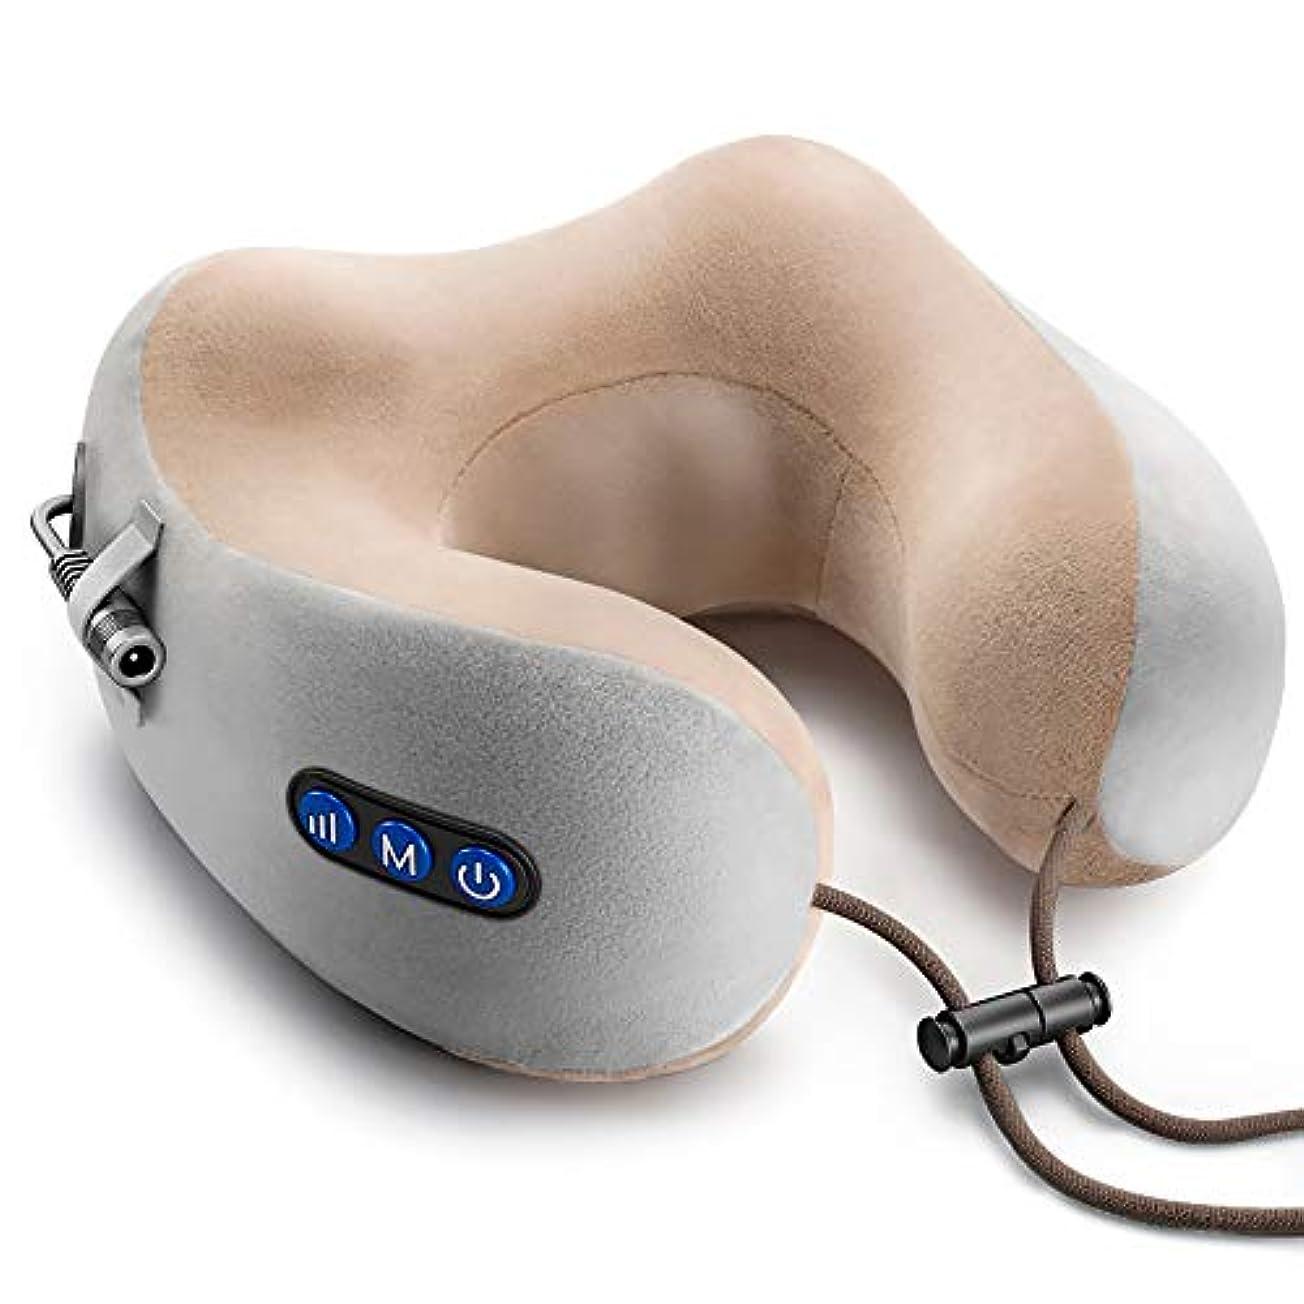 なすほめる口述首マッサージャー ネックマッサージャー U型 USB充電式 3モード 低反発ネックマッサージピロー 自動オフ機能 肩こり ストレス解消 多機能 人間工学 日本語取扱説明書付 プレゼント